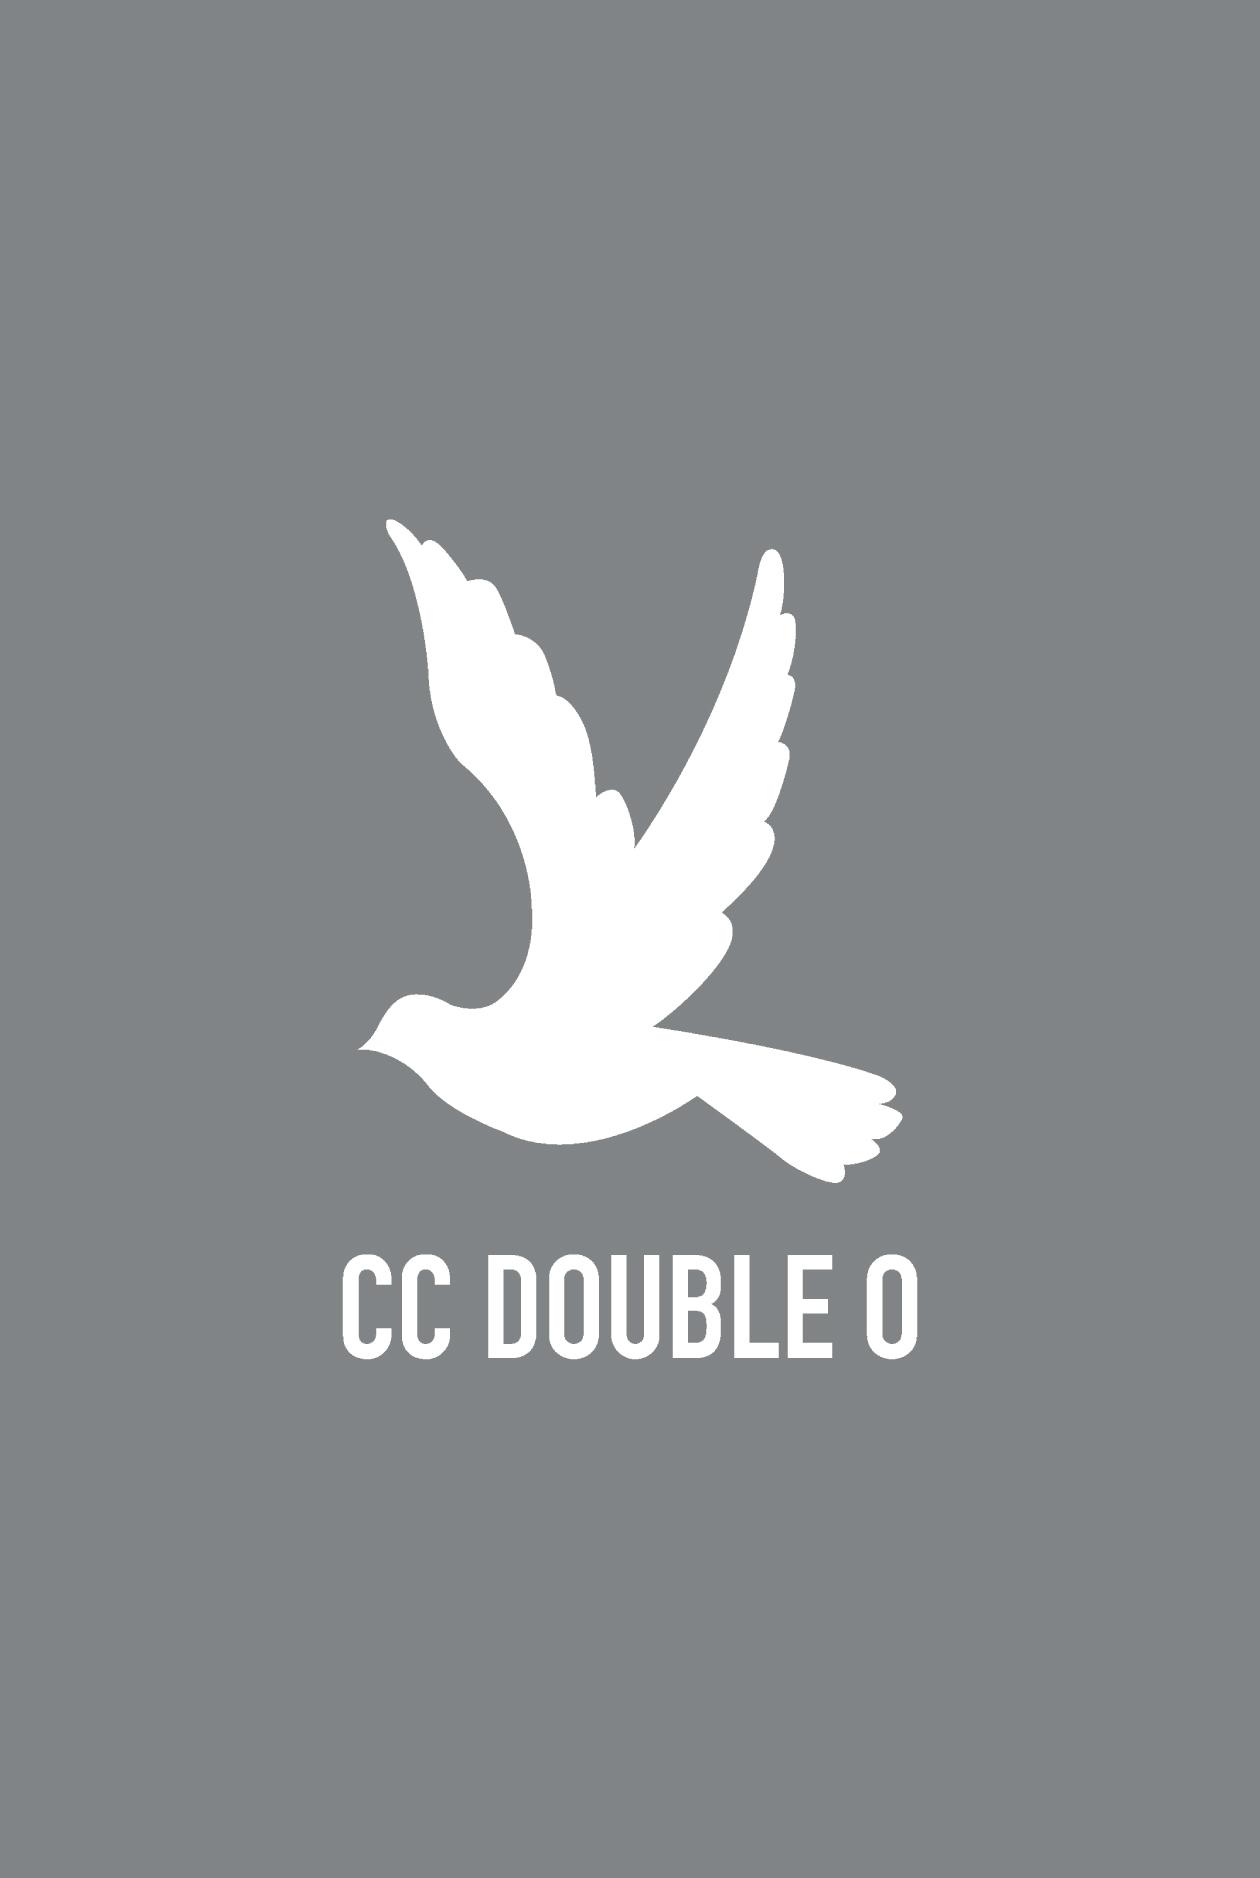 กางเกงวอร์มผูกเชือกโลโก้ CC DOUBLE O